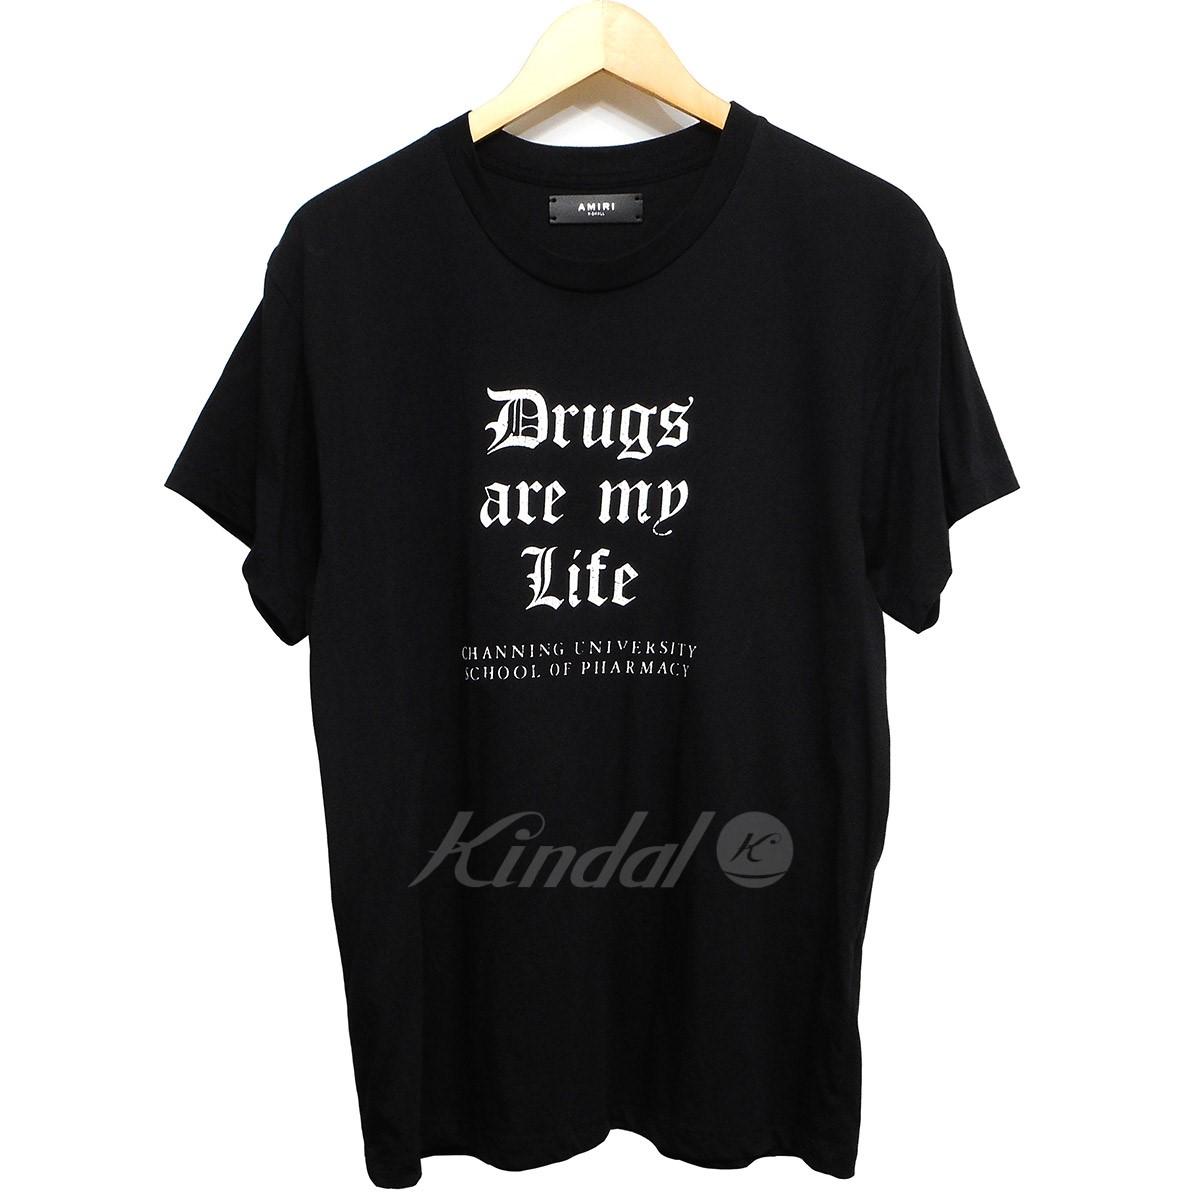 【中古】AMIRI 18SS Drugs are my Life Tee プリントTシャツ ブラック サイズ:XS 【送料無料】 【200419】(アミリ)